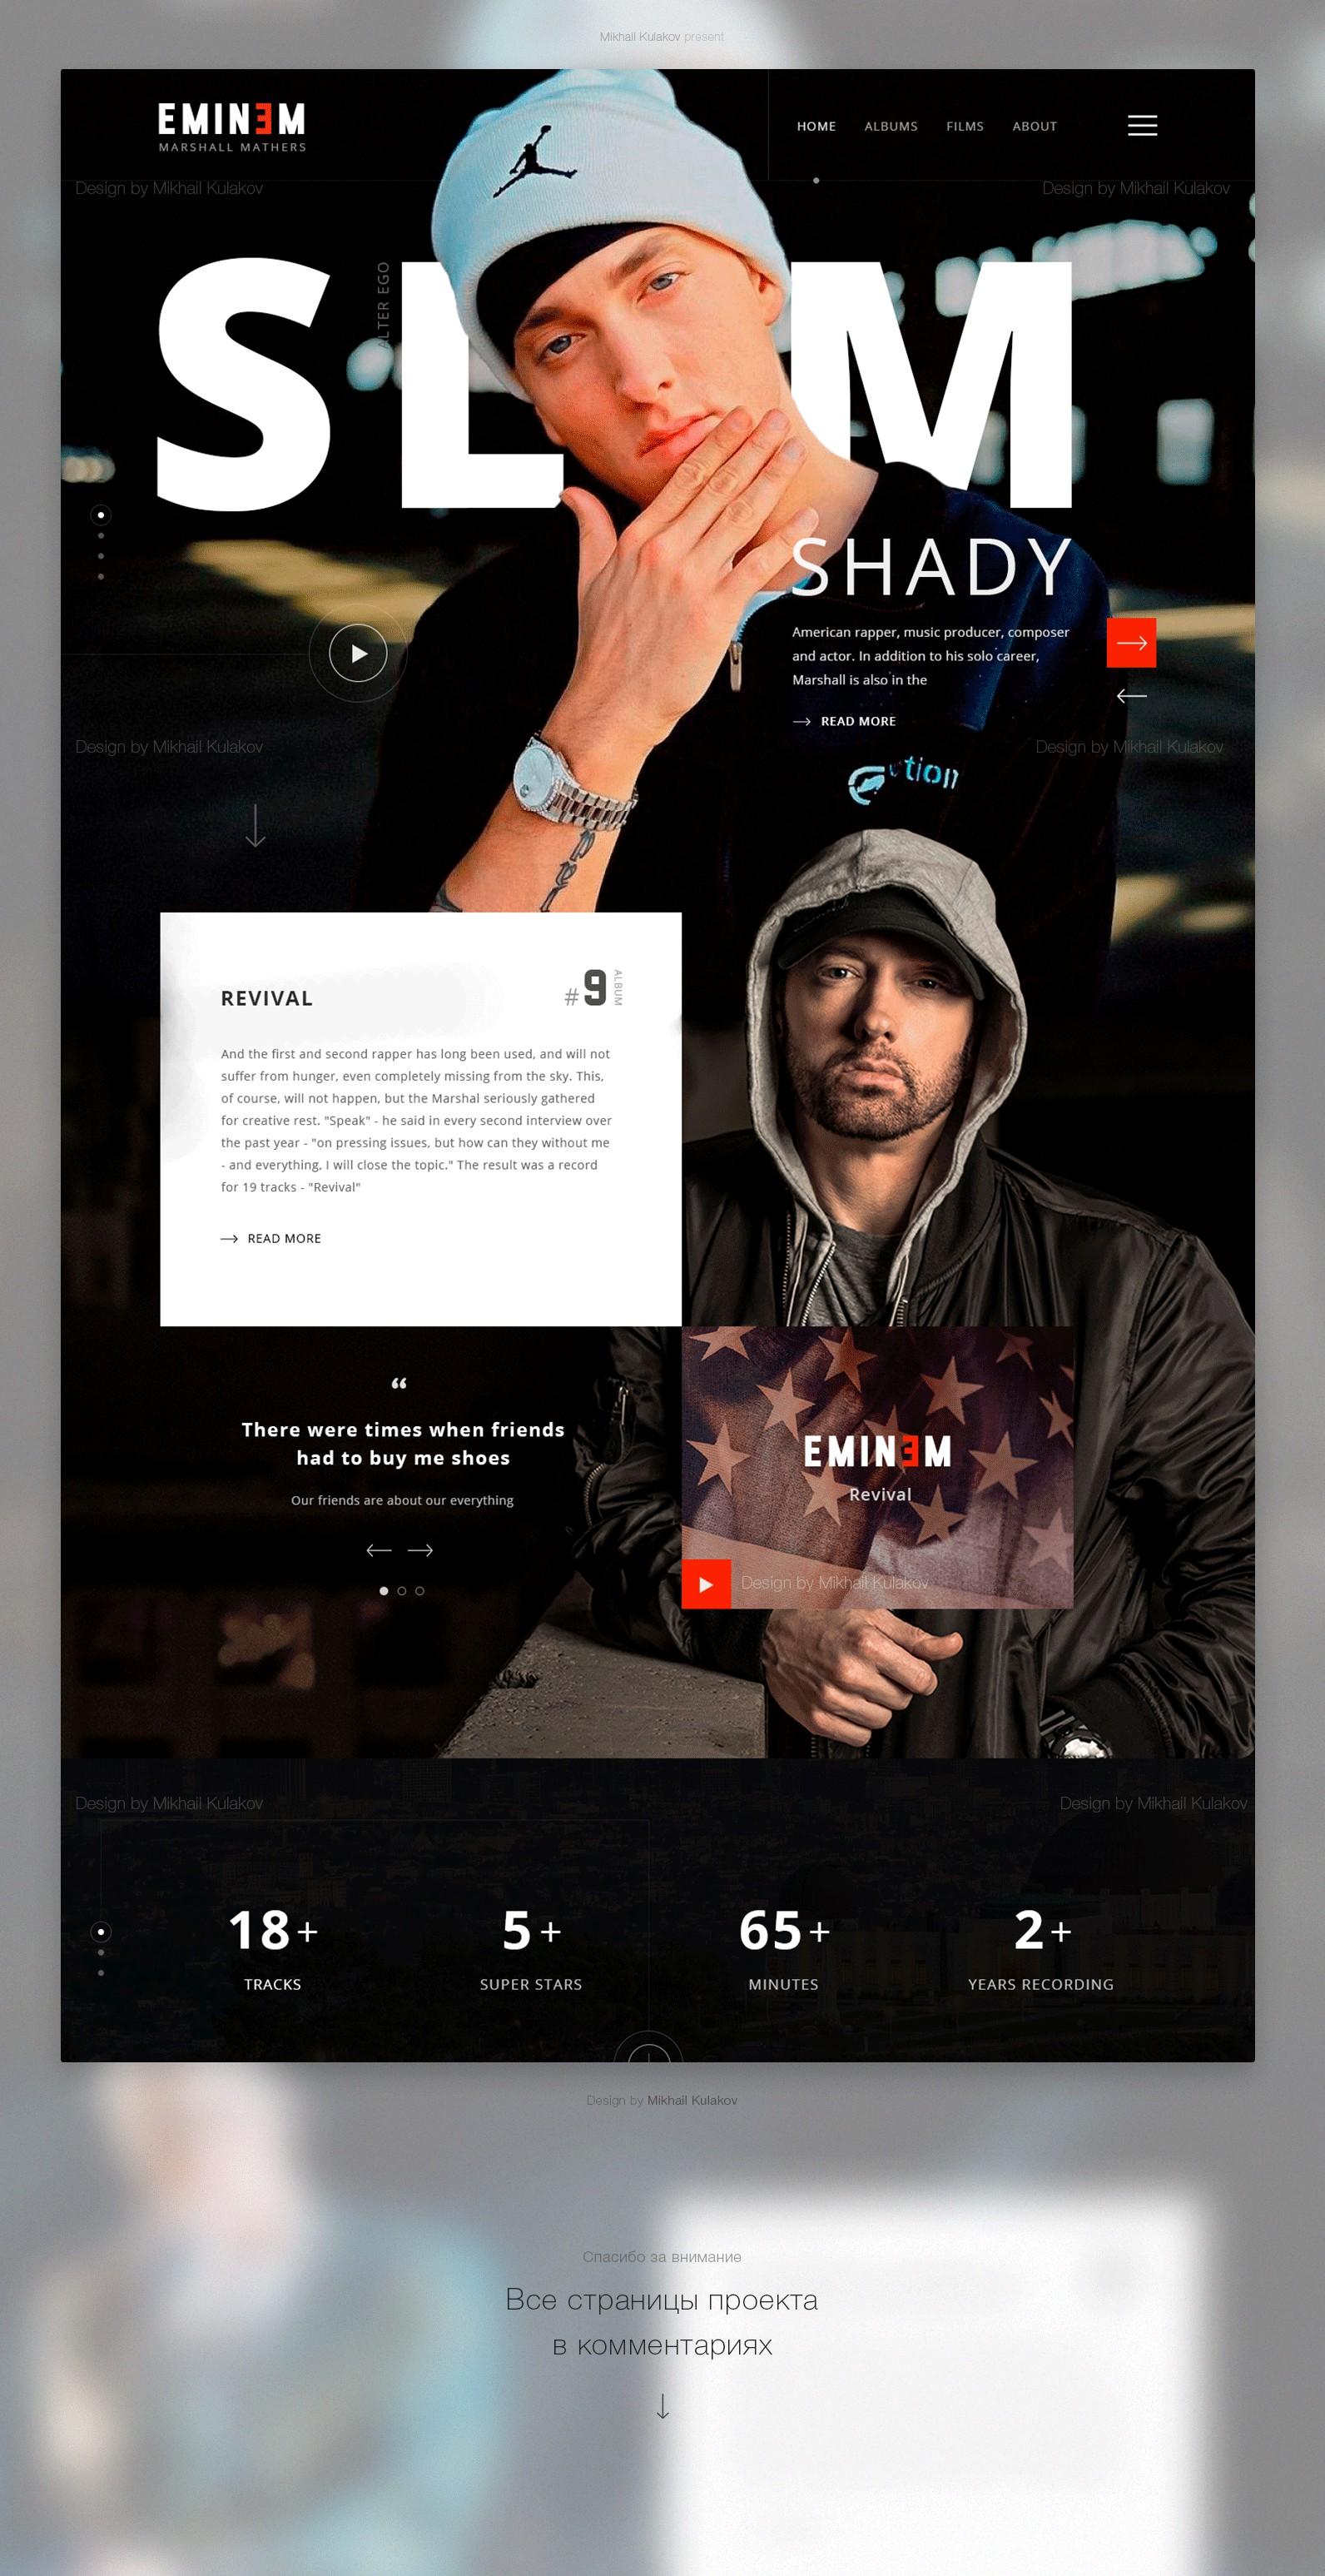 Eminem redesign-concept